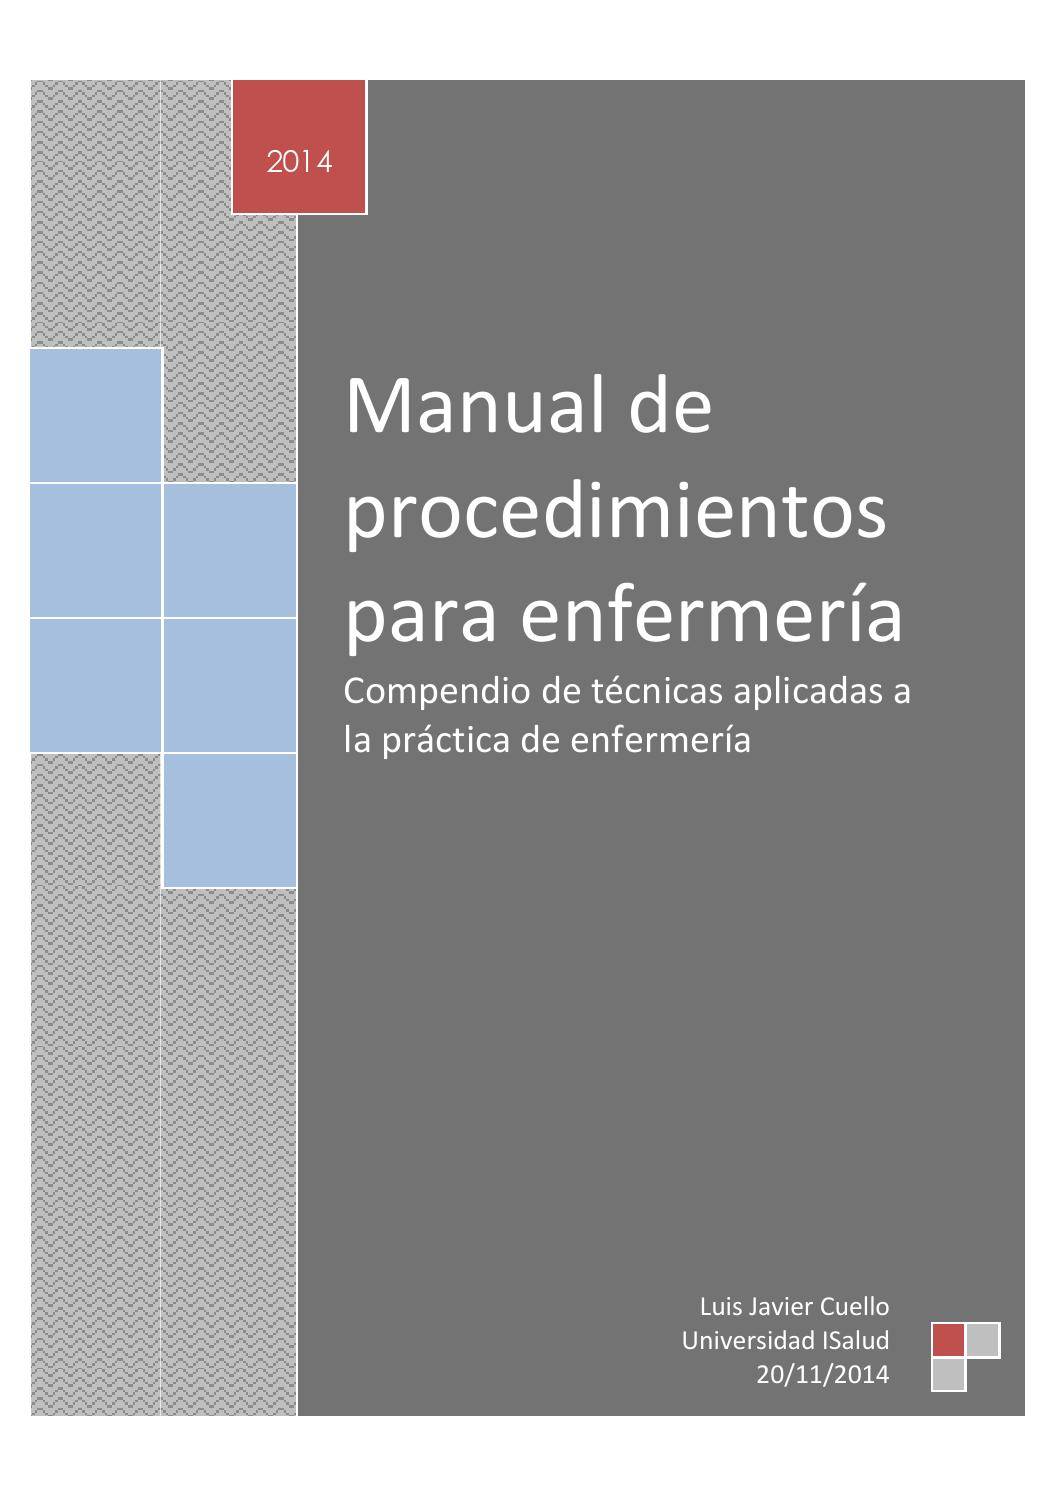 manual de procedimientos de enfermeria psiquiatrica pdf